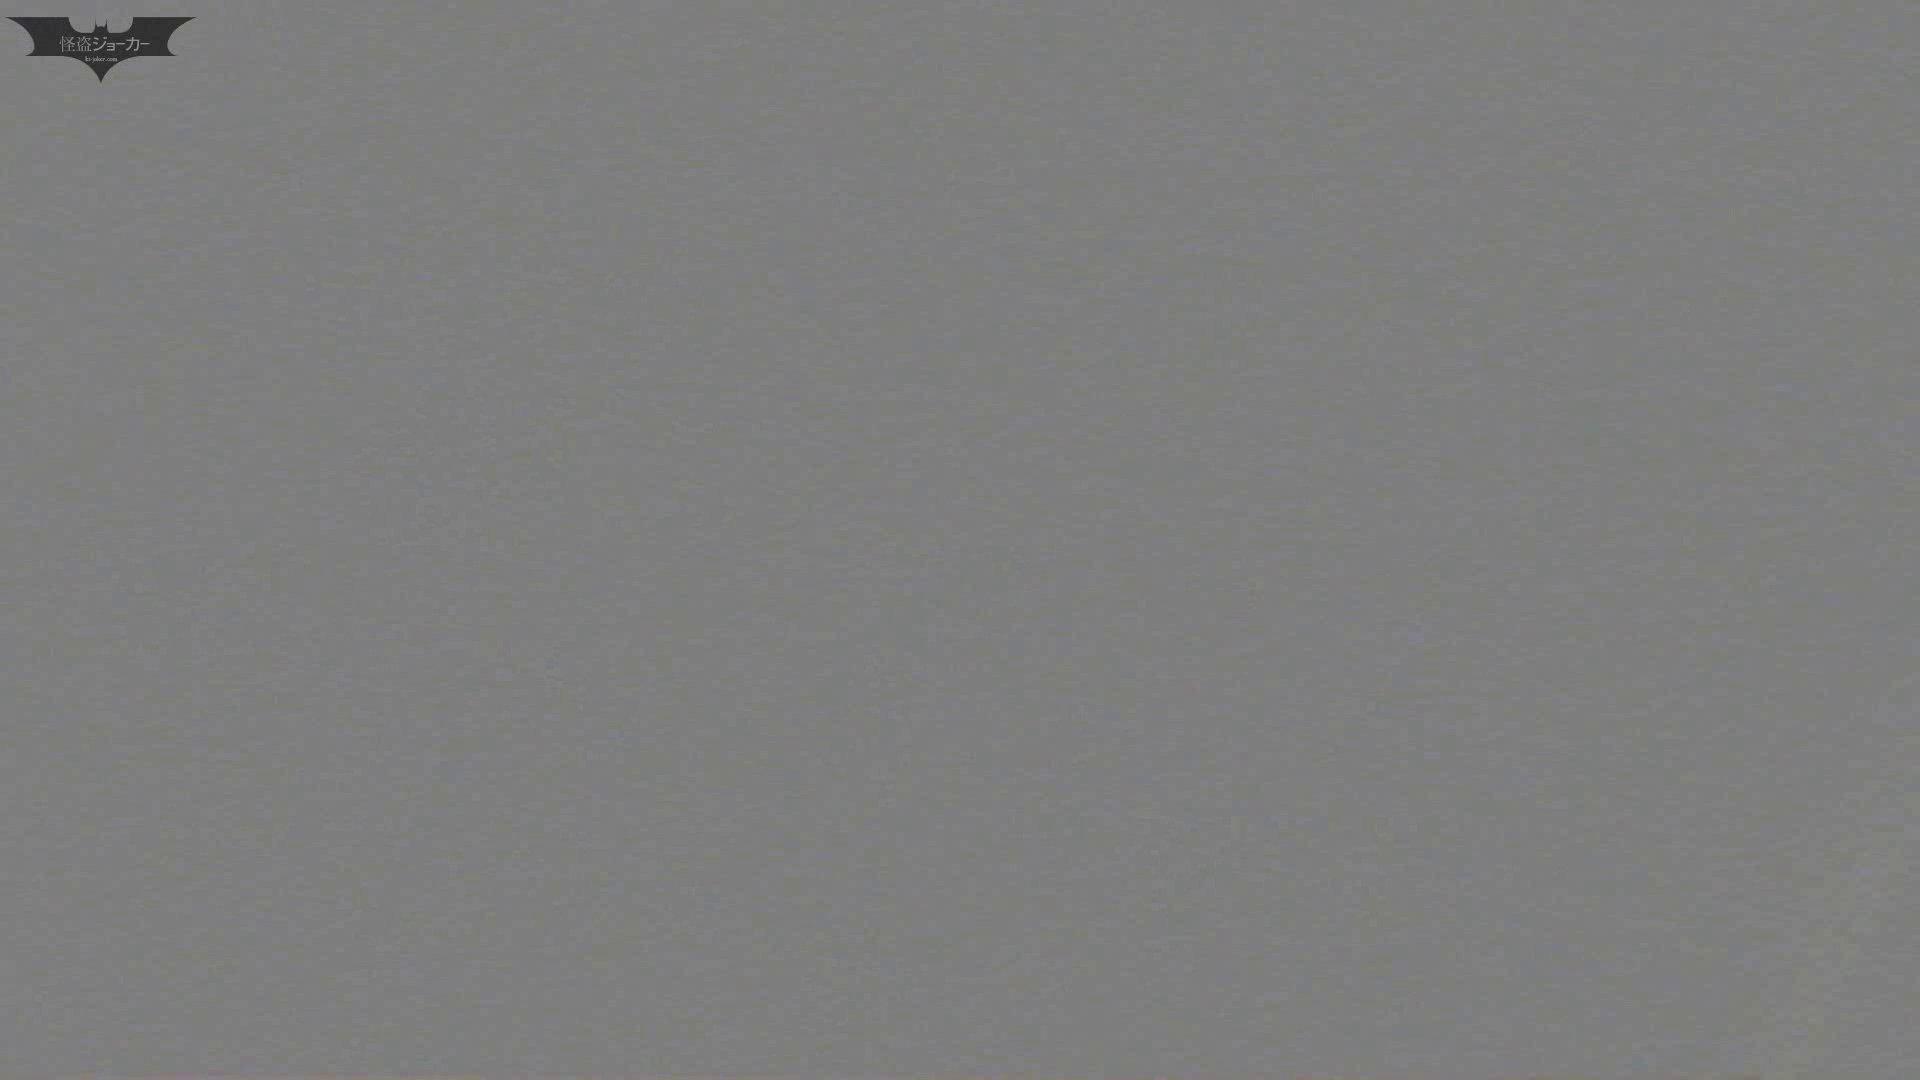 新世界の射窓 No64日本ギャル登場か?ハイヒール大特集! 洗面所着替え   ギャル・コレクション  95連発 41